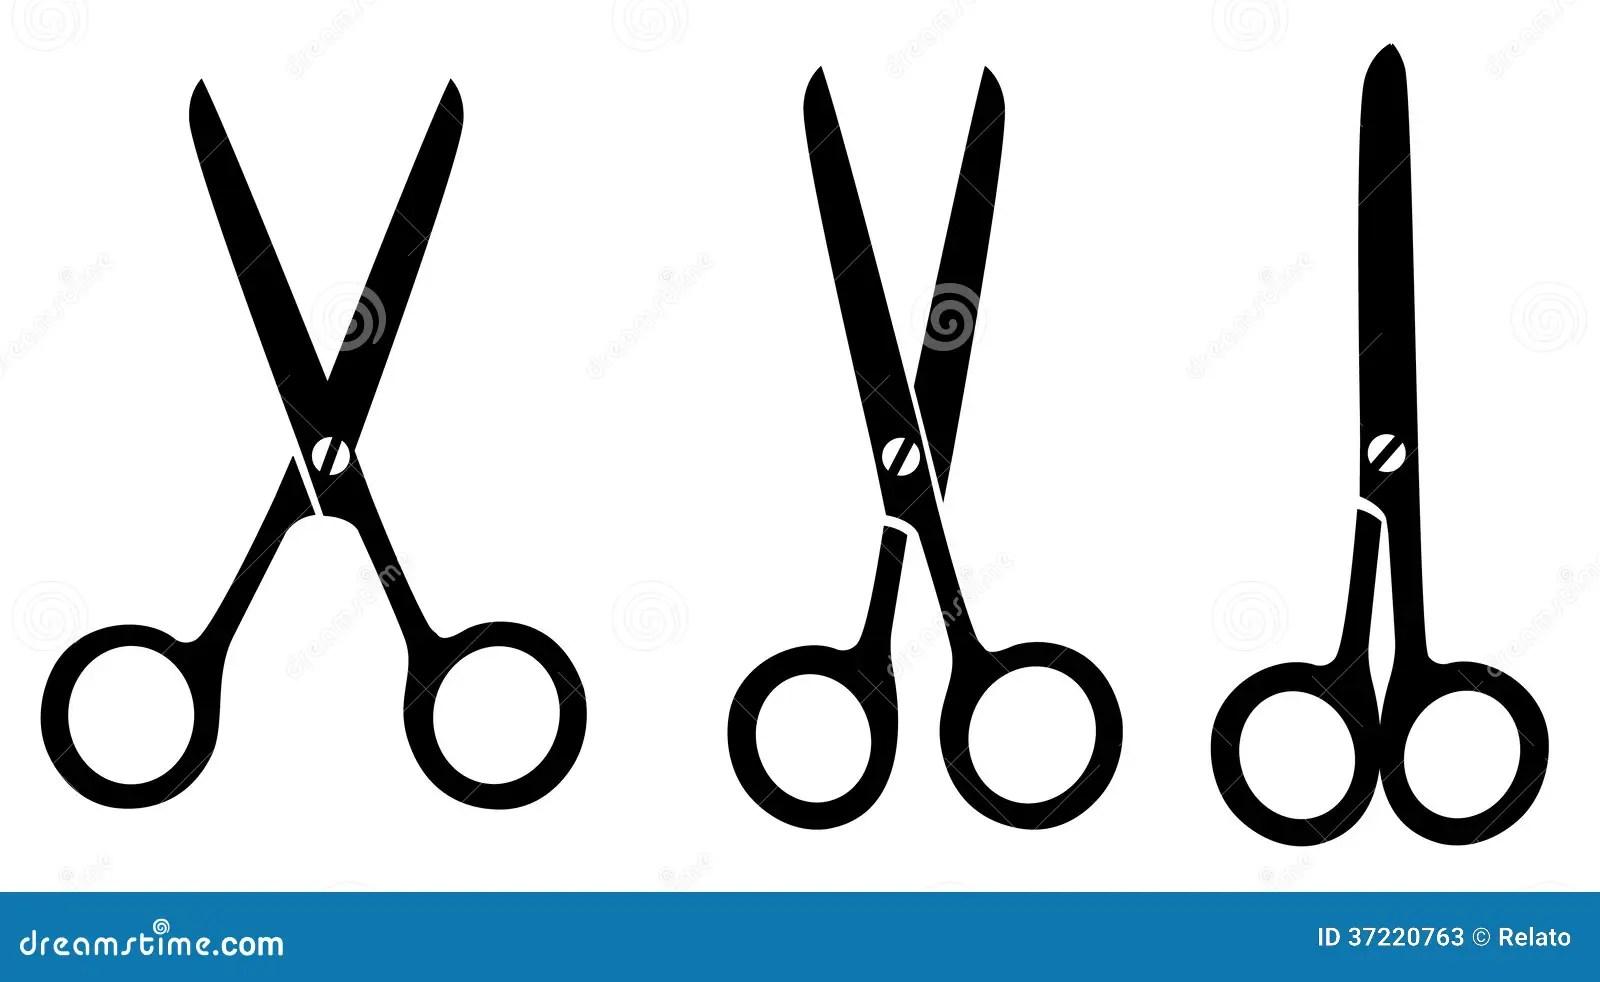 Scissors Stock Photos